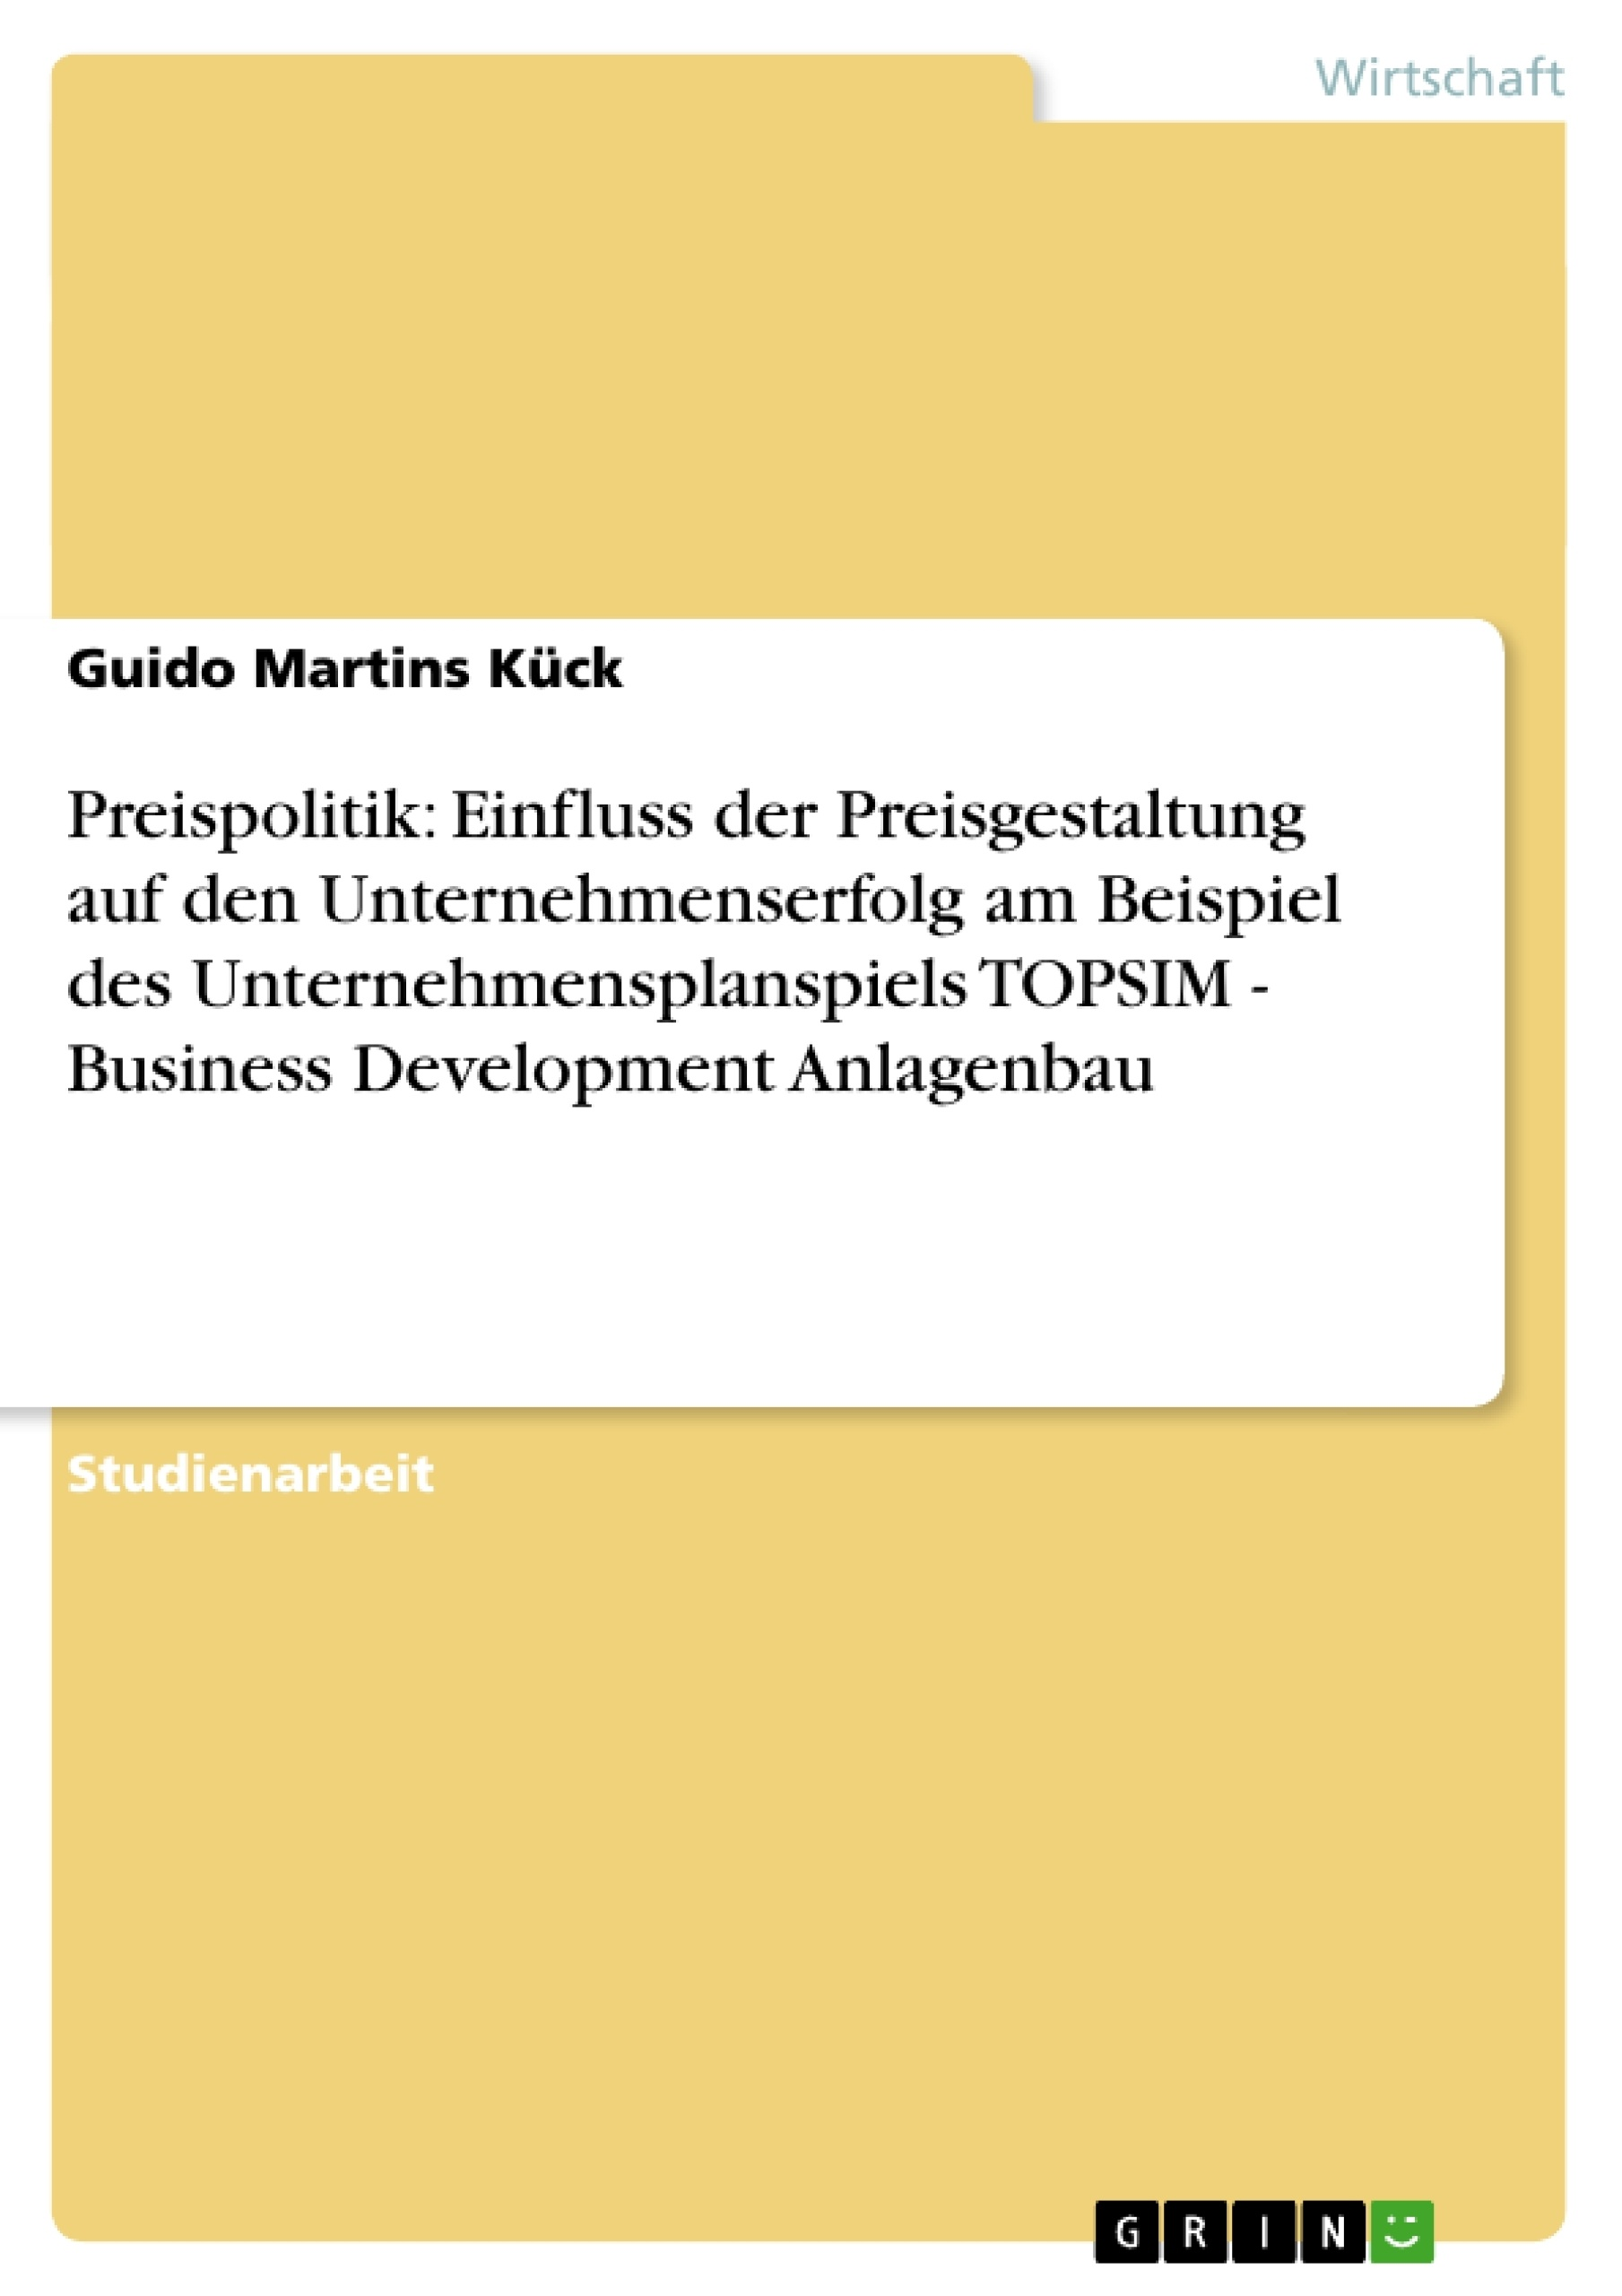 Titel: Preispolitik: Einfluss der Preisgestaltung auf den Unternehmenserfolg am Beispiel des Unternehmensplanspiels TOPSIM - Business Development Anlagenbau